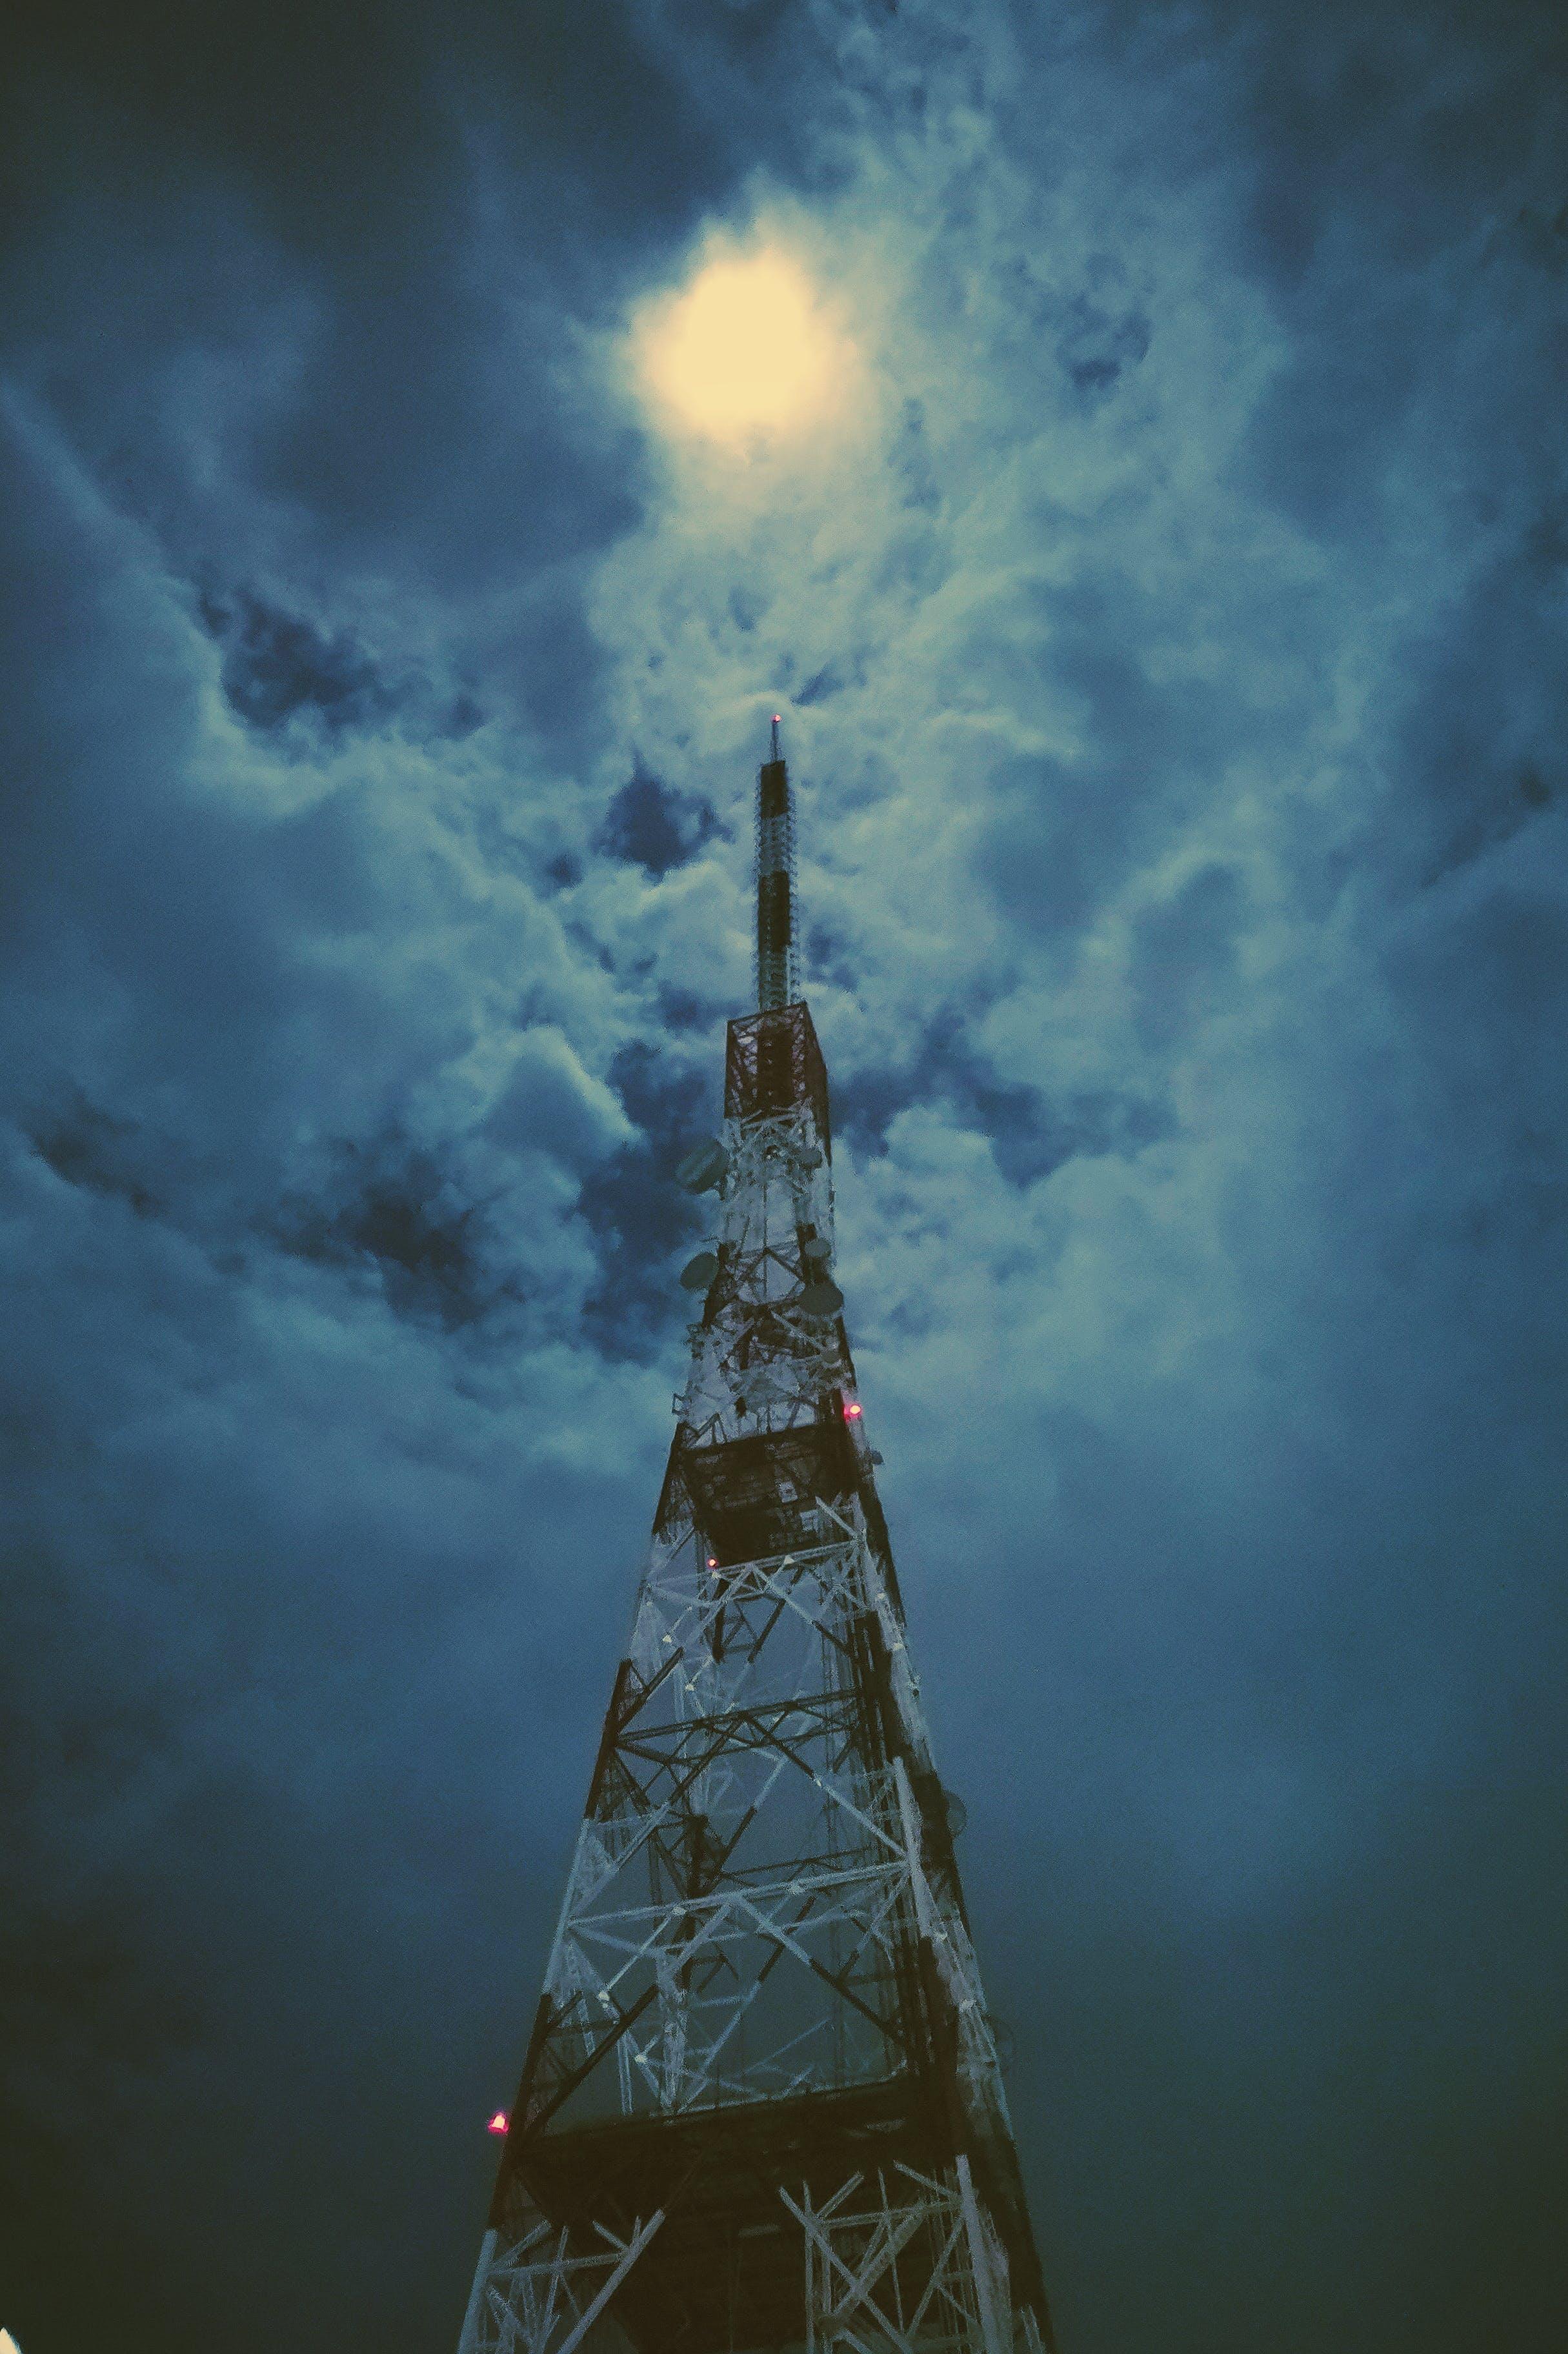 Kostenloses Stock Foto zu fernsehturm, mond, nacht